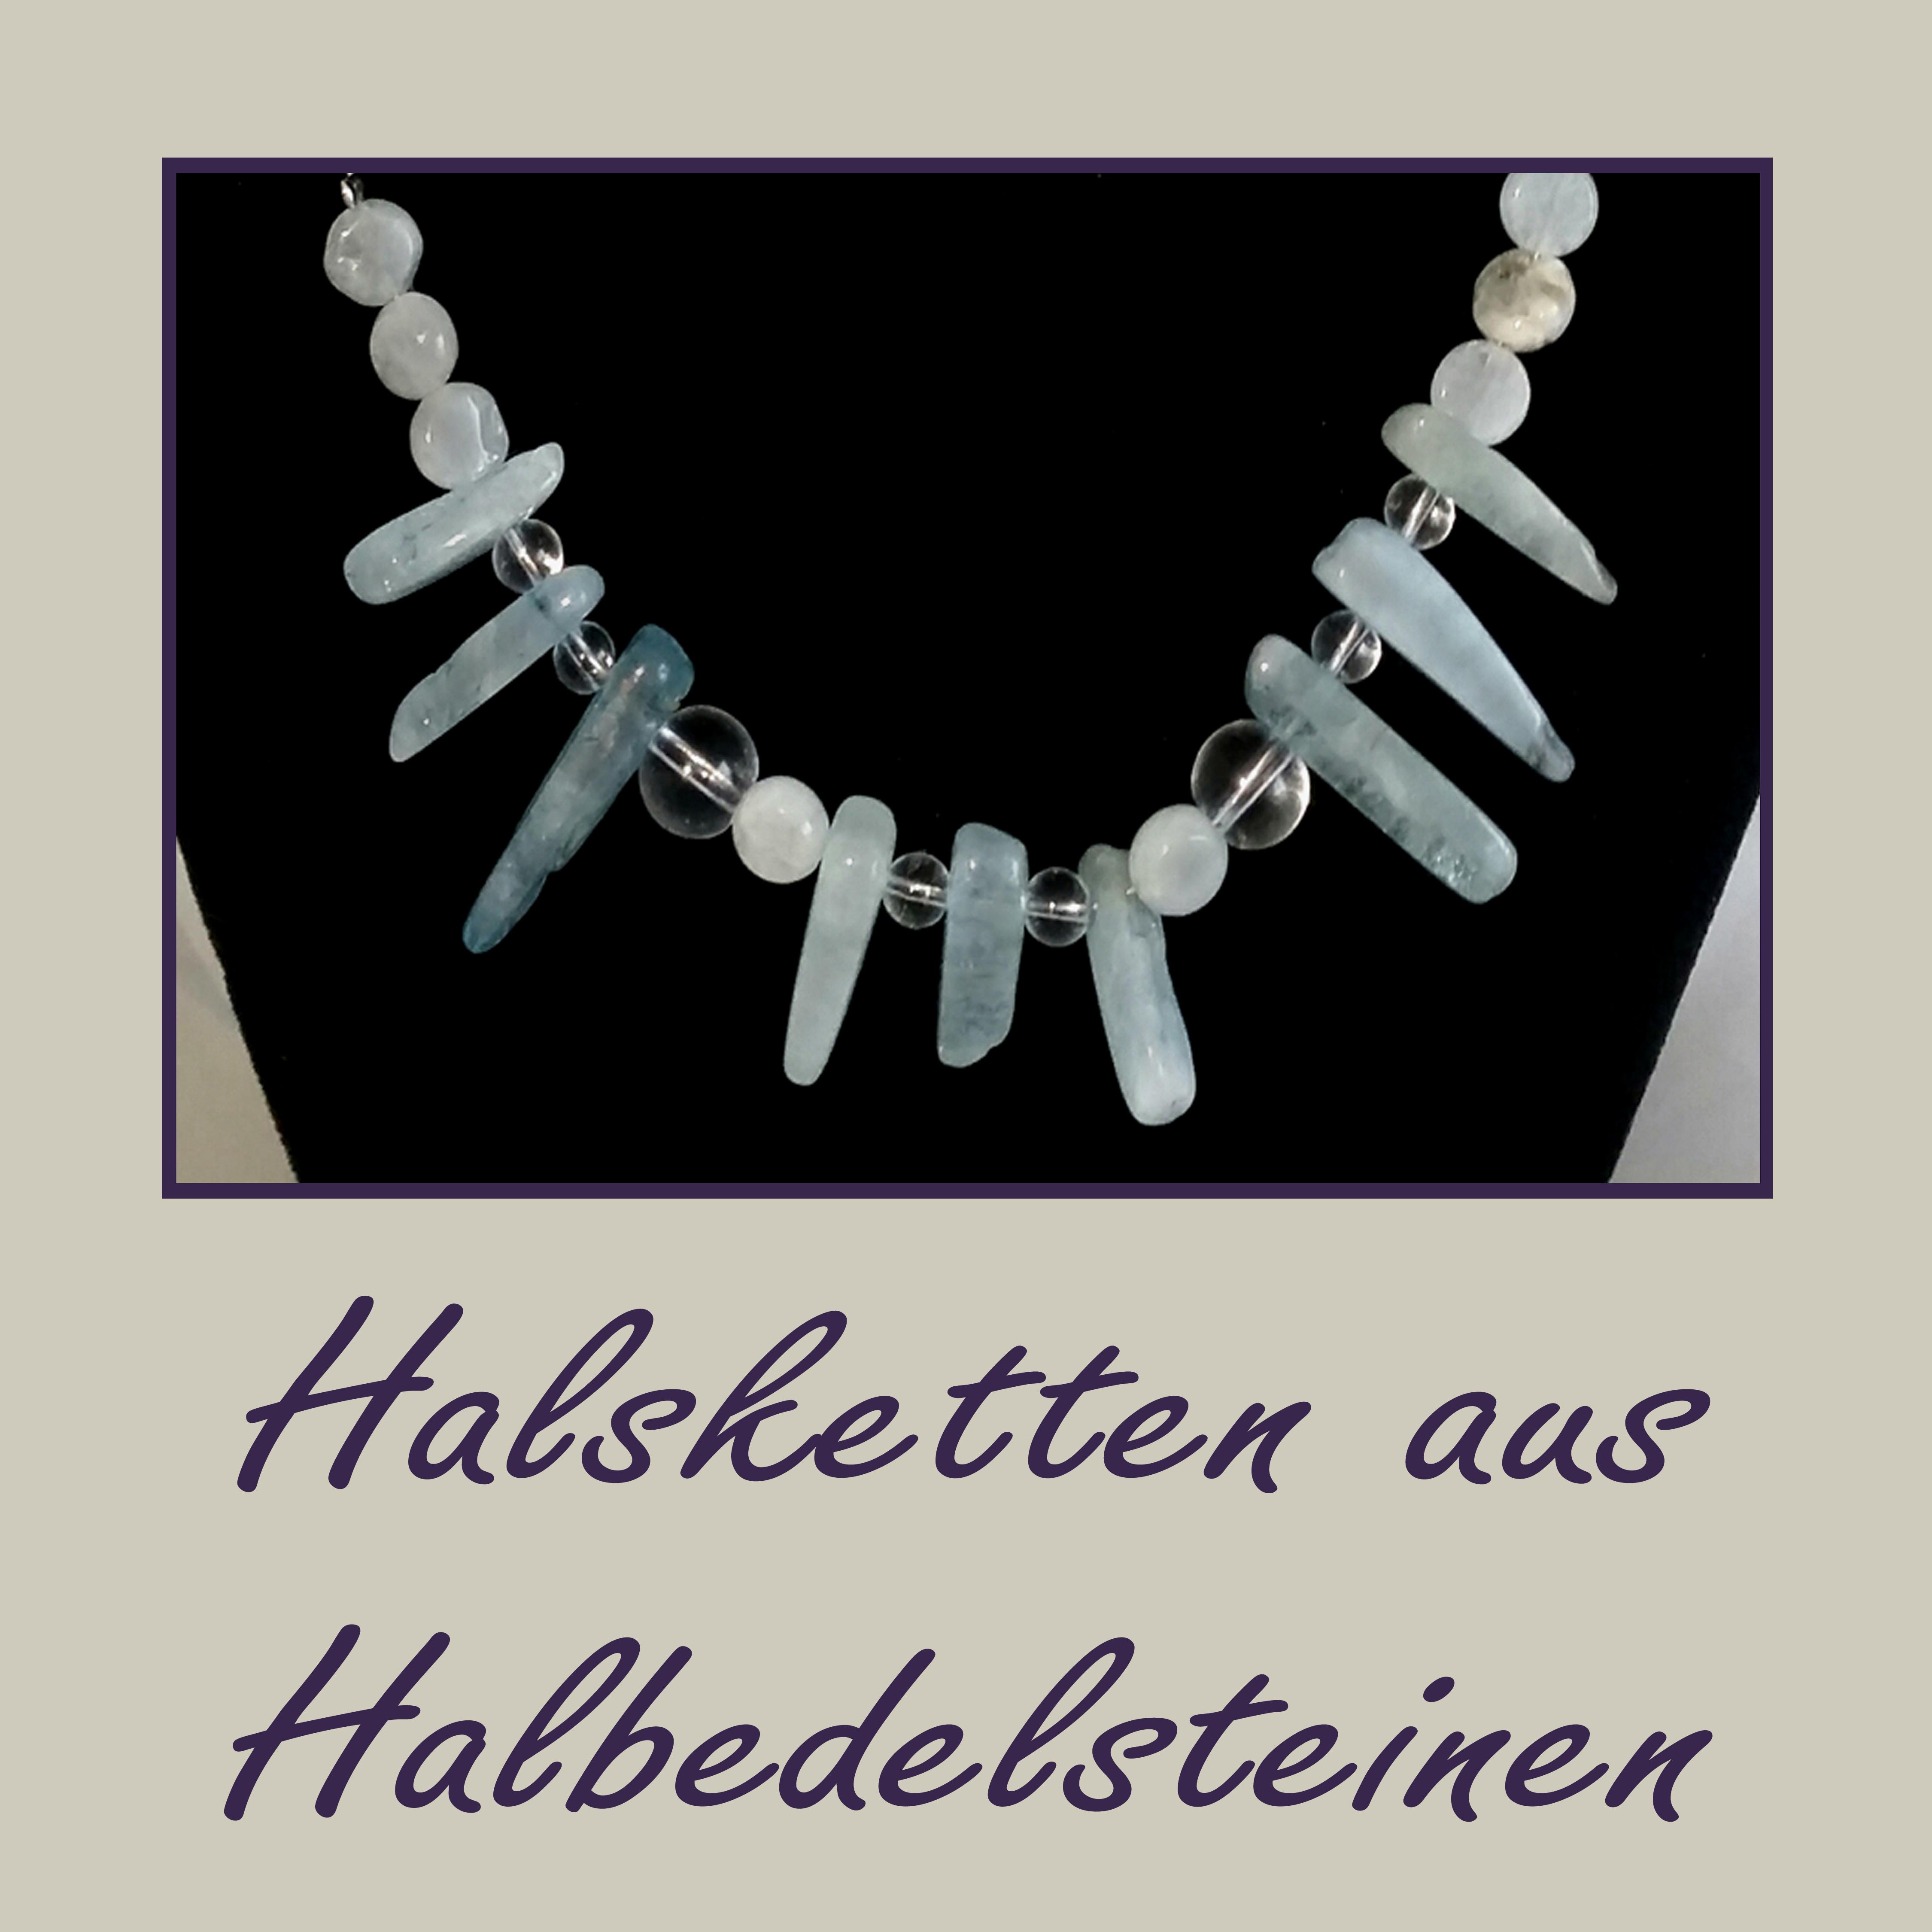 Halsketten aus Halbedelsteinen